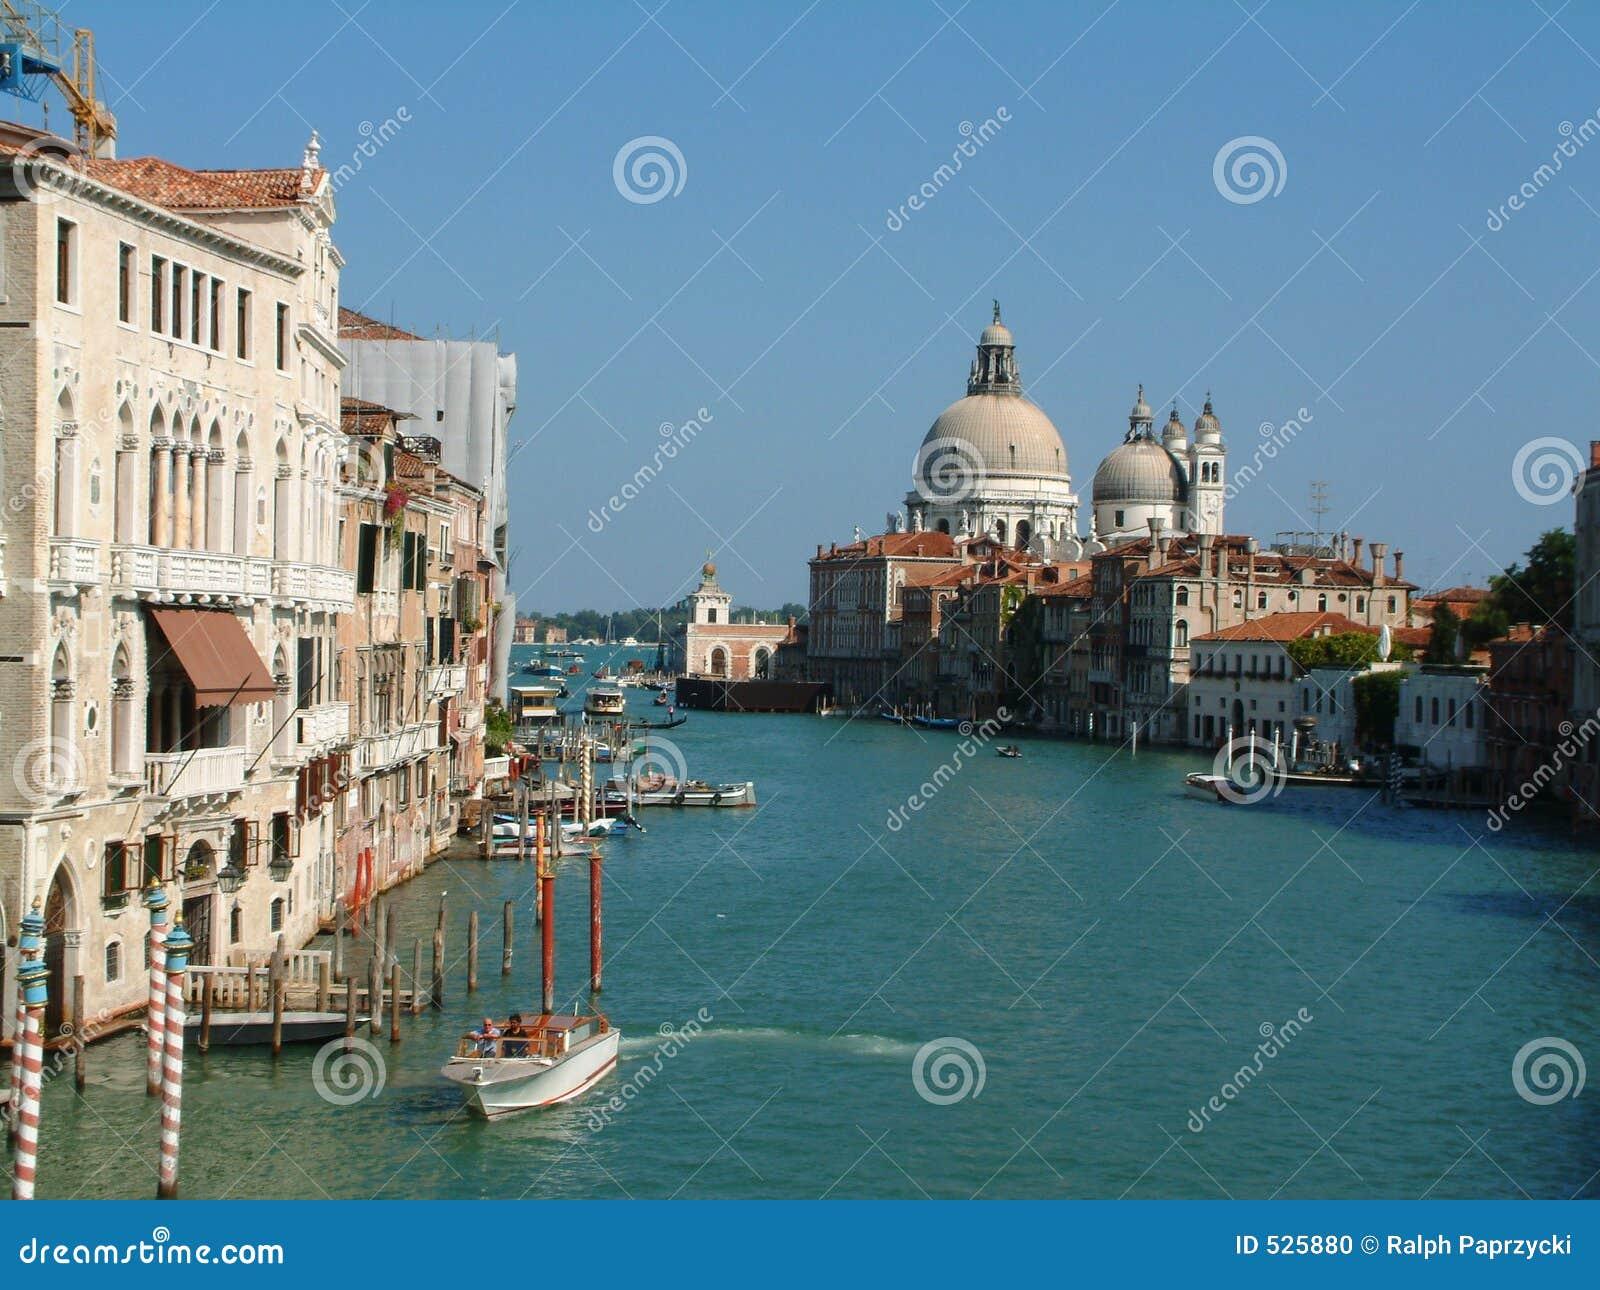 Download 运河重创的威尼斯 库存照片. 图片 包括有 假期, 蜜月, 威尼斯, 长平底船, 浪漫, 节假日, 运河, 拱道 - 525880